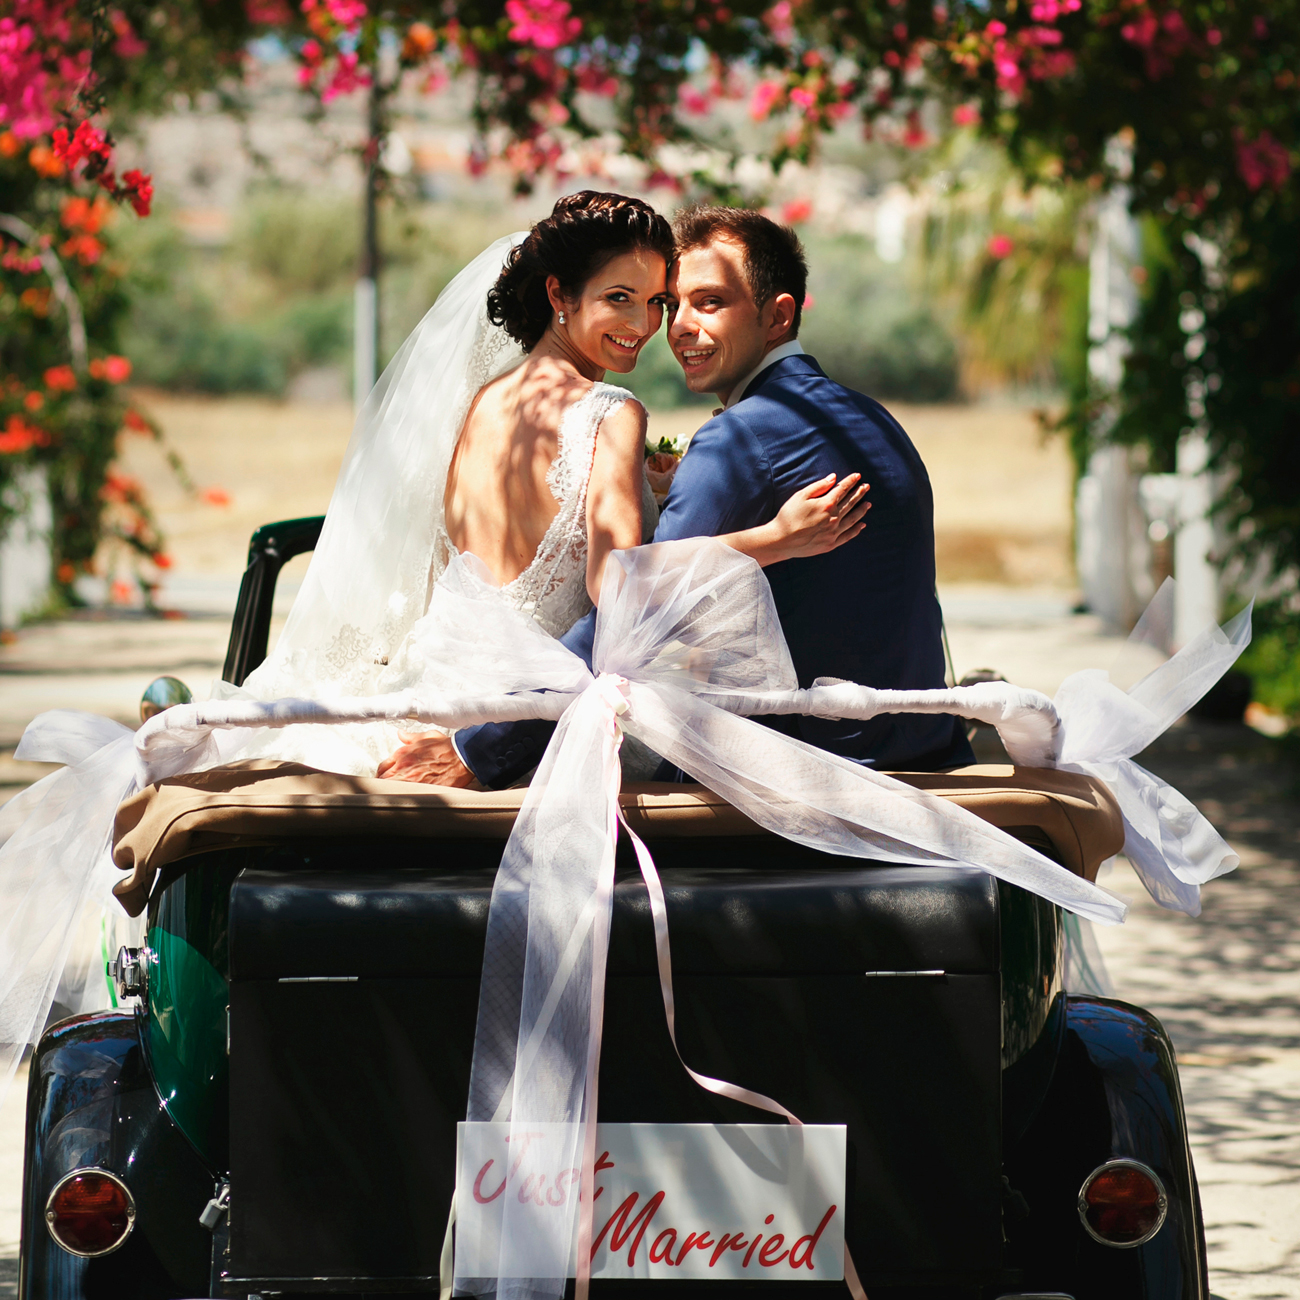 Toszkána esküvő, Amore! Ahol a sztárok házasodnak: 7 ok, amiért imádjuk a Toszkánában tartott esküvőket